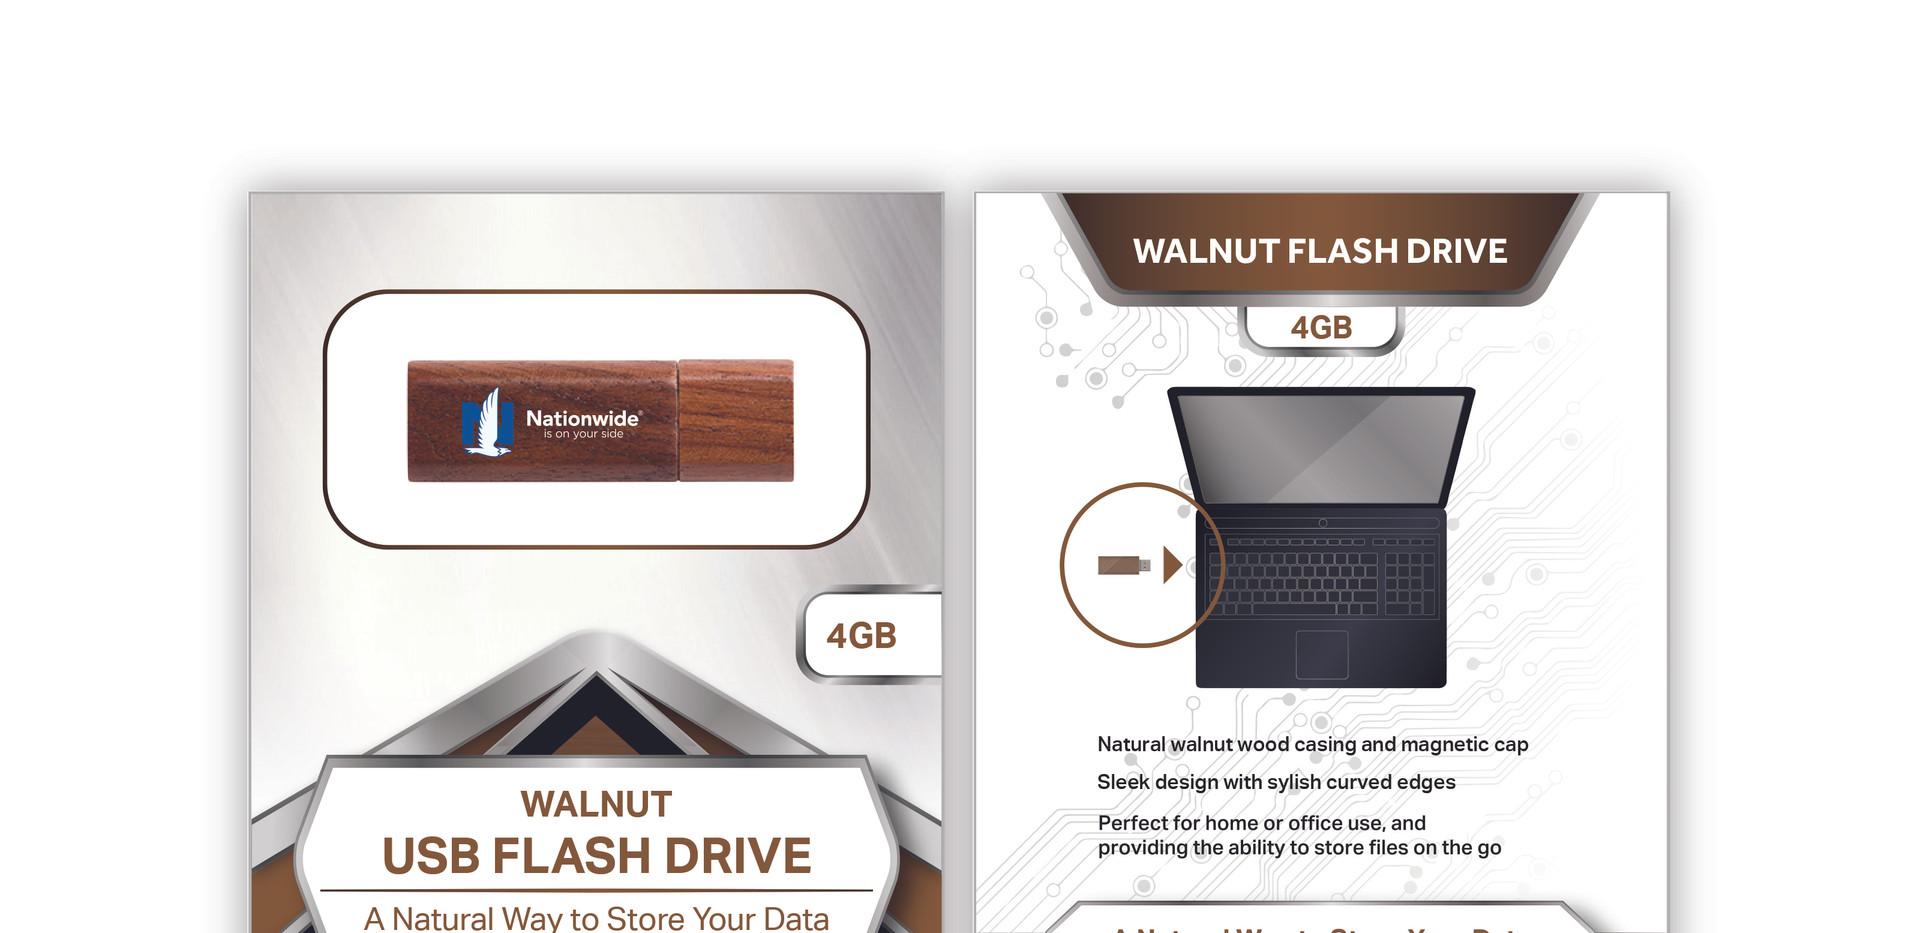 Nationwide Walnut Flash Drive standard p